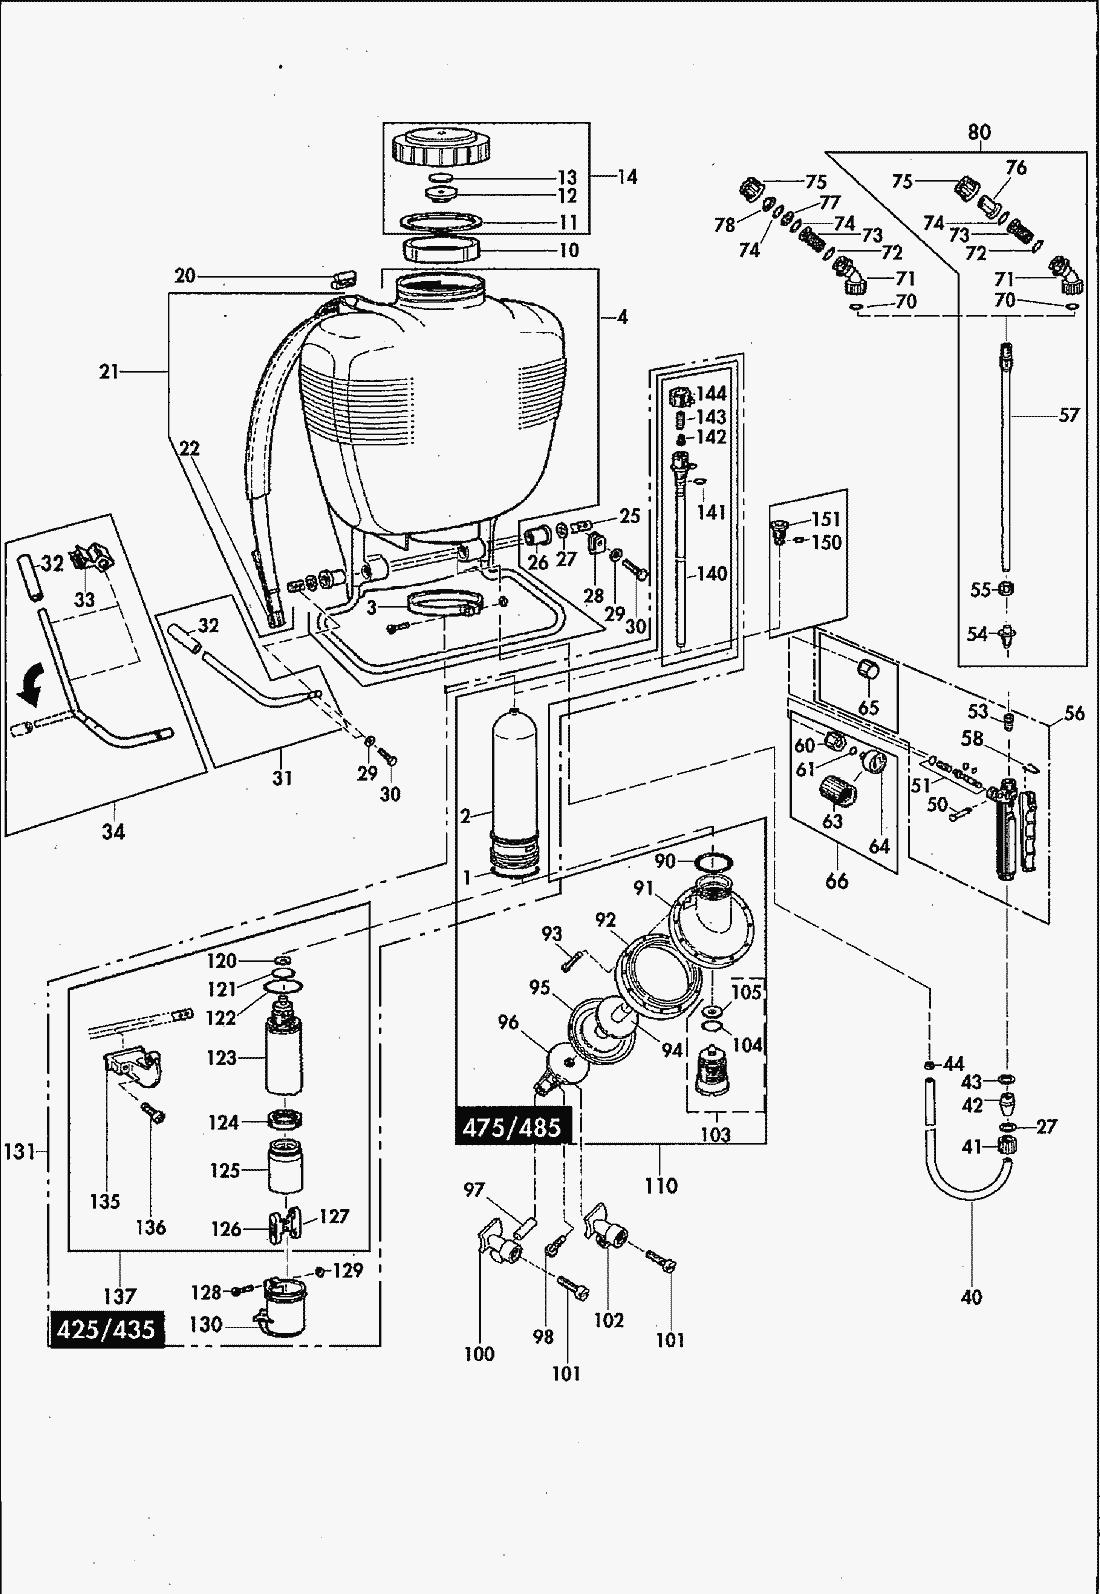 Protexus sprayer parts diagram